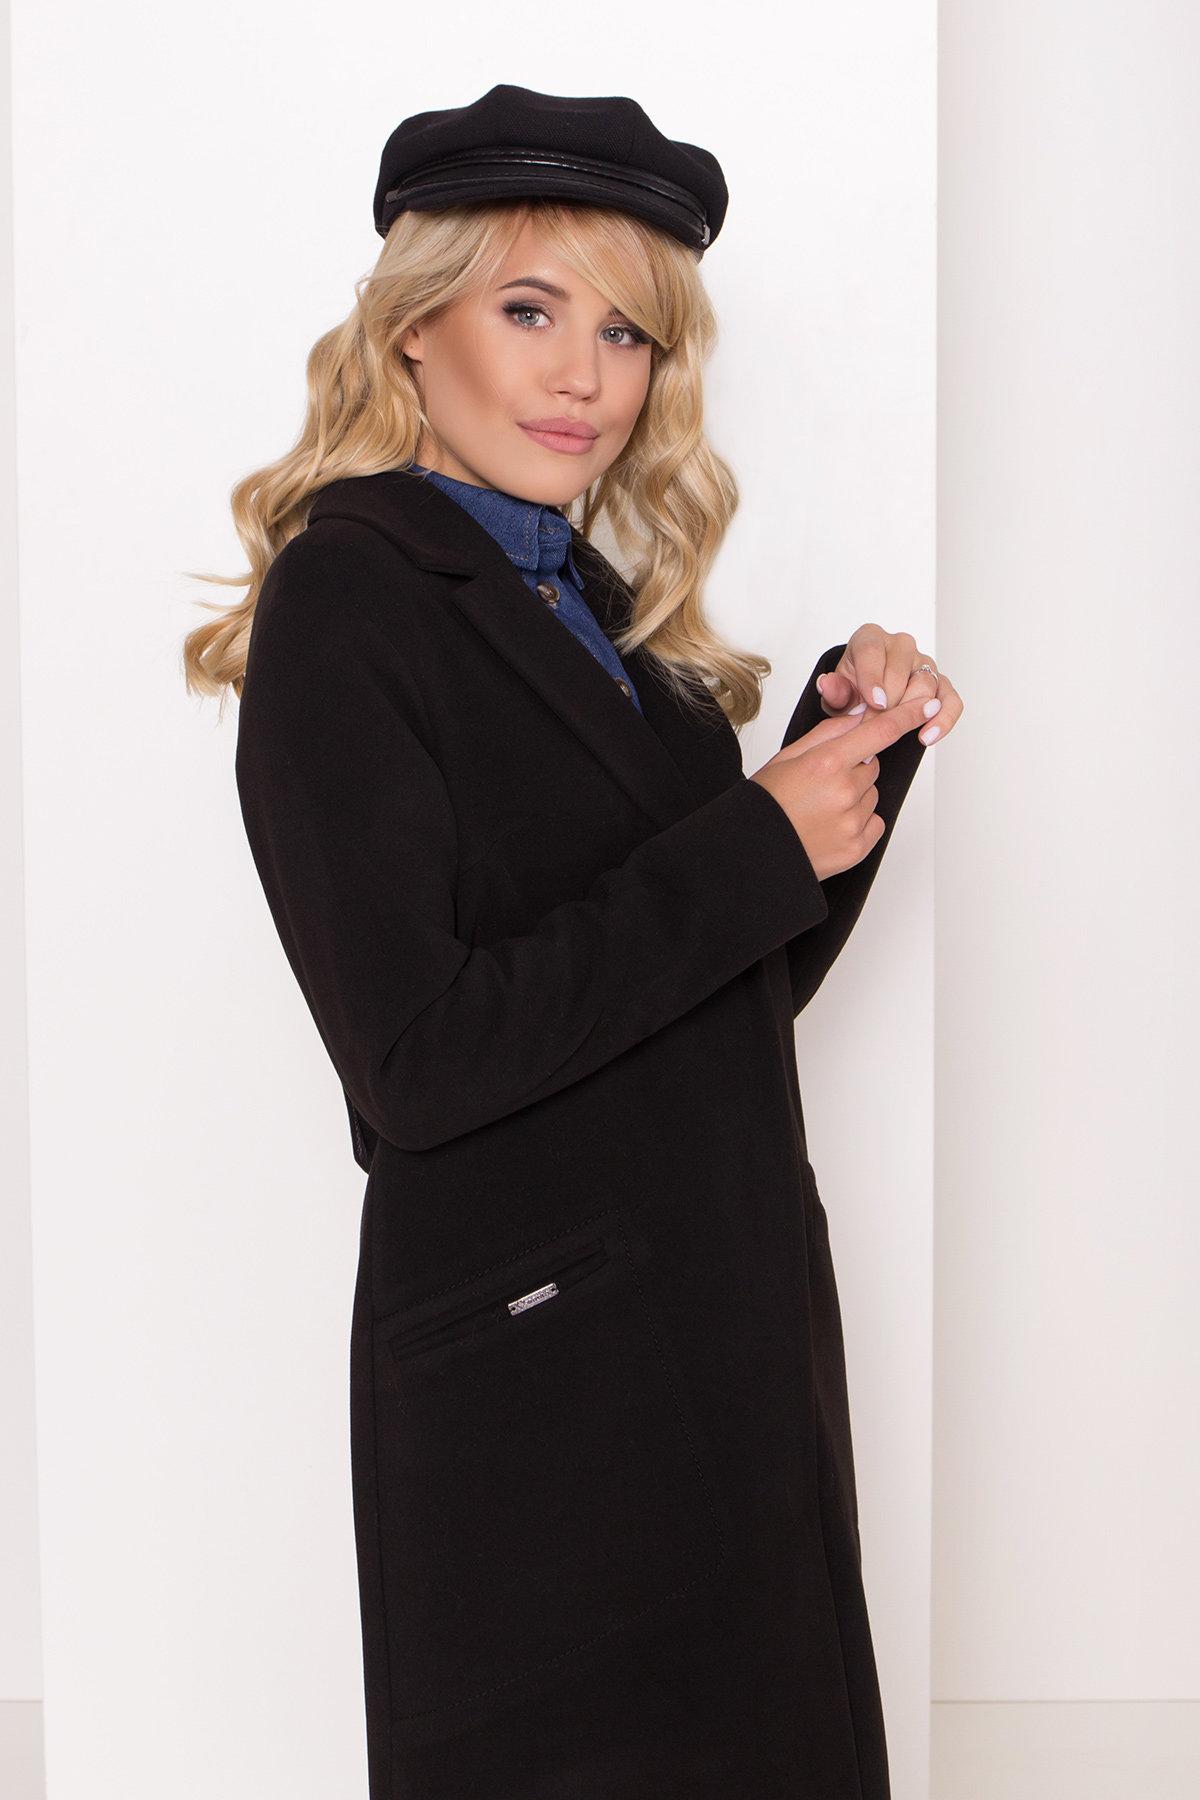 Длинное демисезонное пальто Ждана лайт 8111 АРТ. 44060 Цвет: чёрный - фото 4, интернет магазин tm-modus.ru